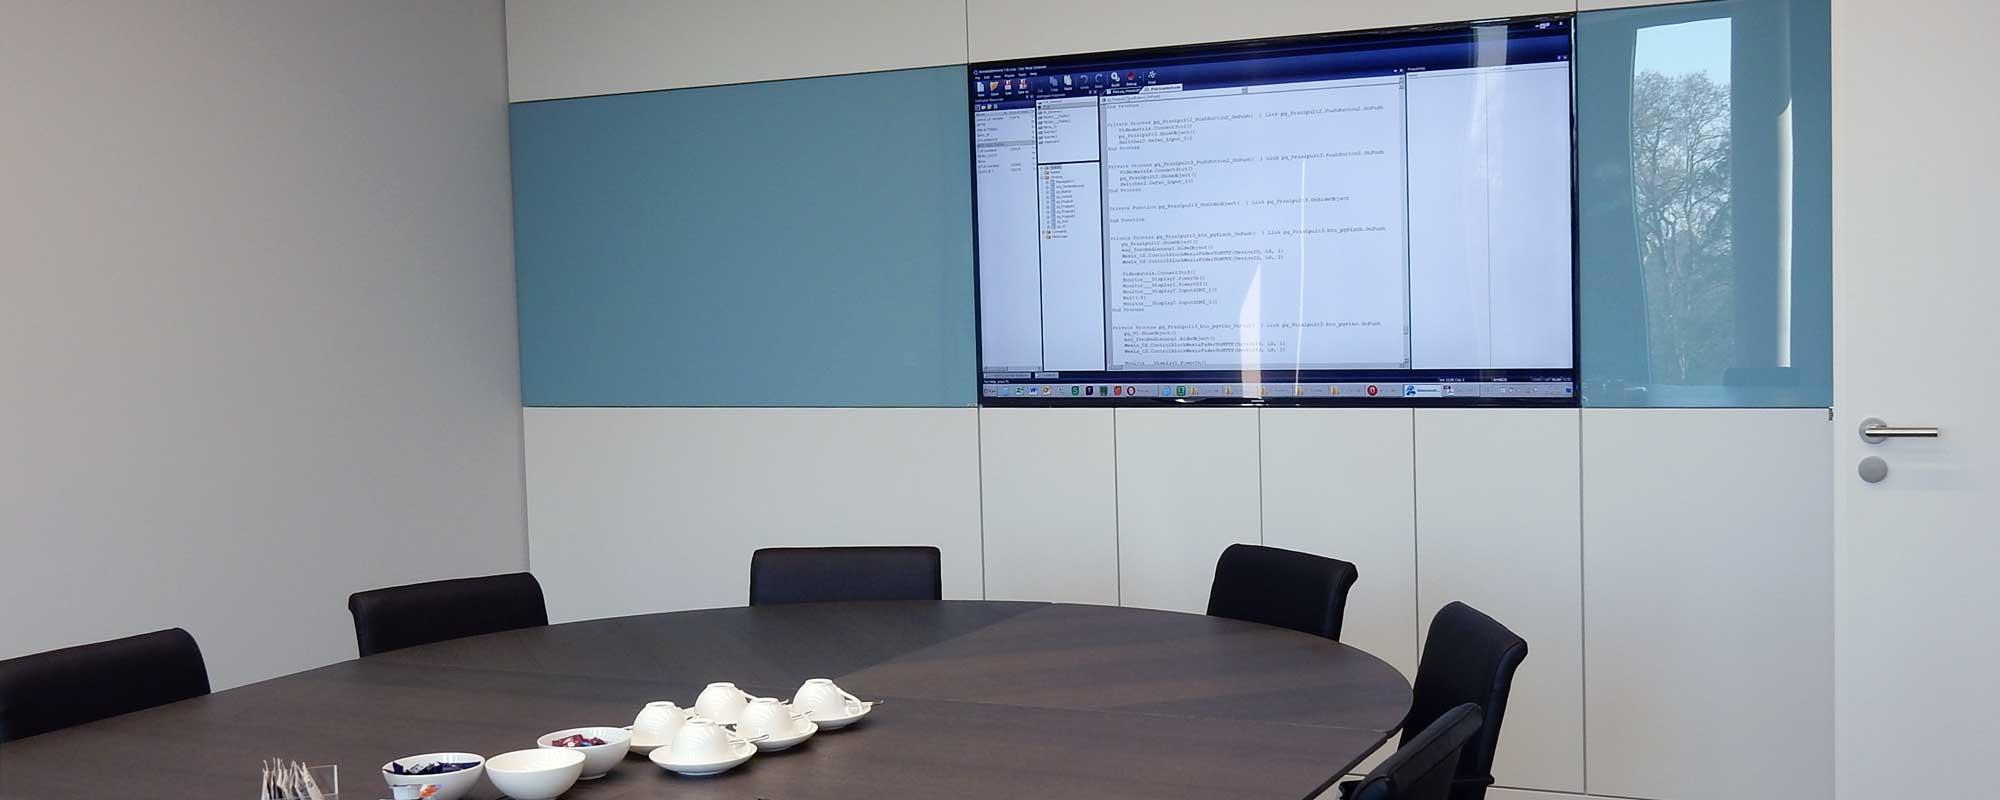 Trennbarer Konferenzraum mit kaskadierbarer Mediensteuerung und separat zuschaltbarem Monitor für bis zu 75 Personen